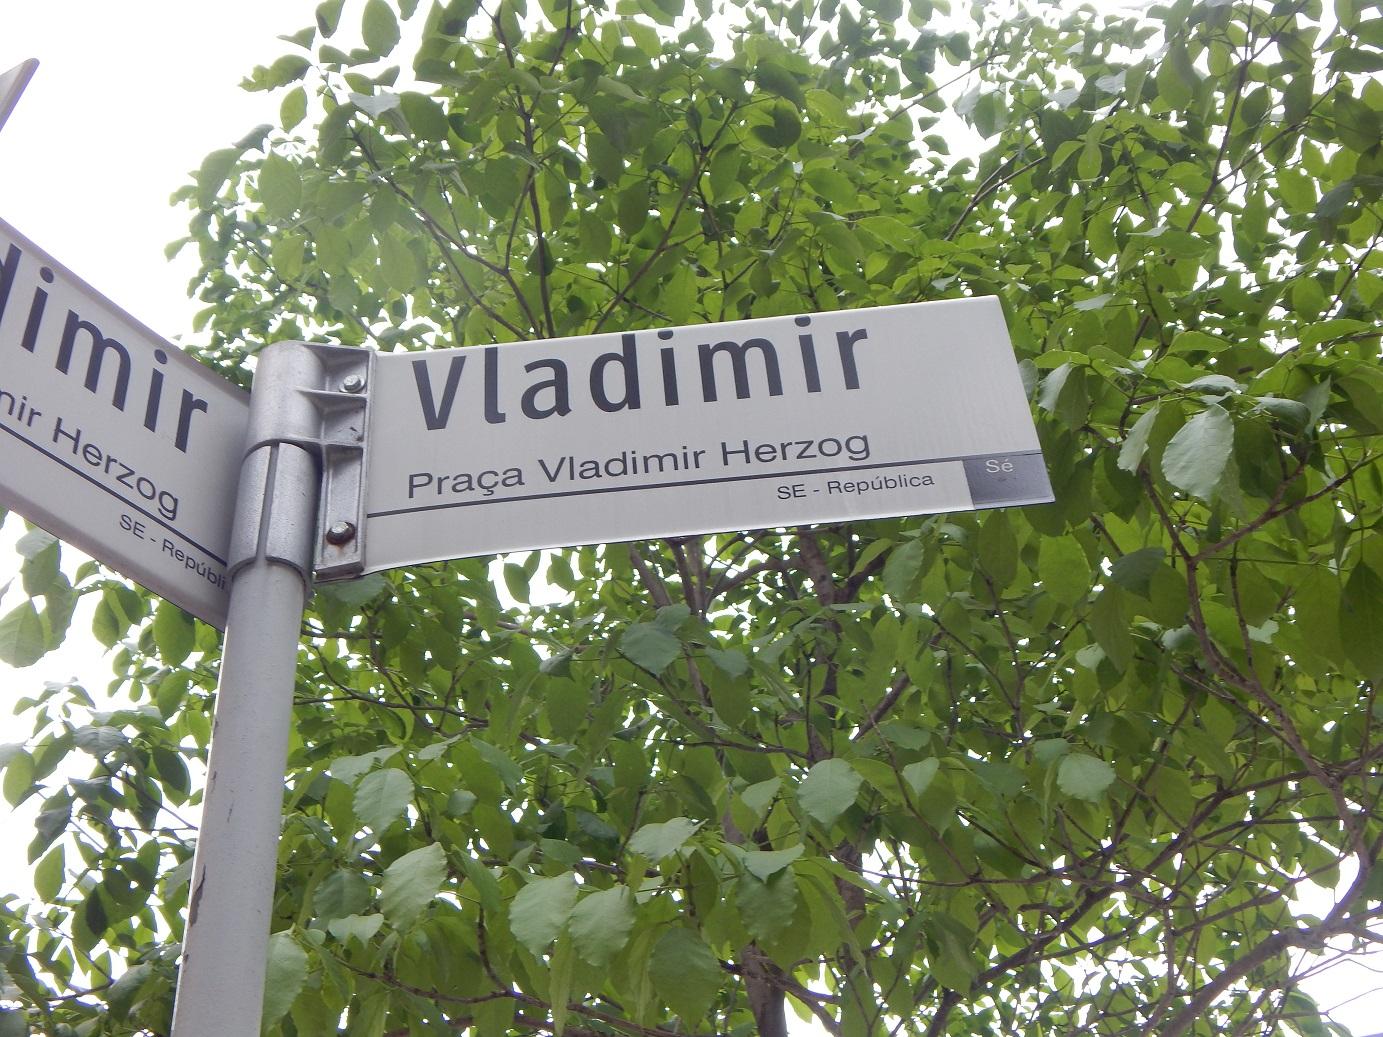 Praça Vladimir Herzog: um espaço de memória, arte e resistência